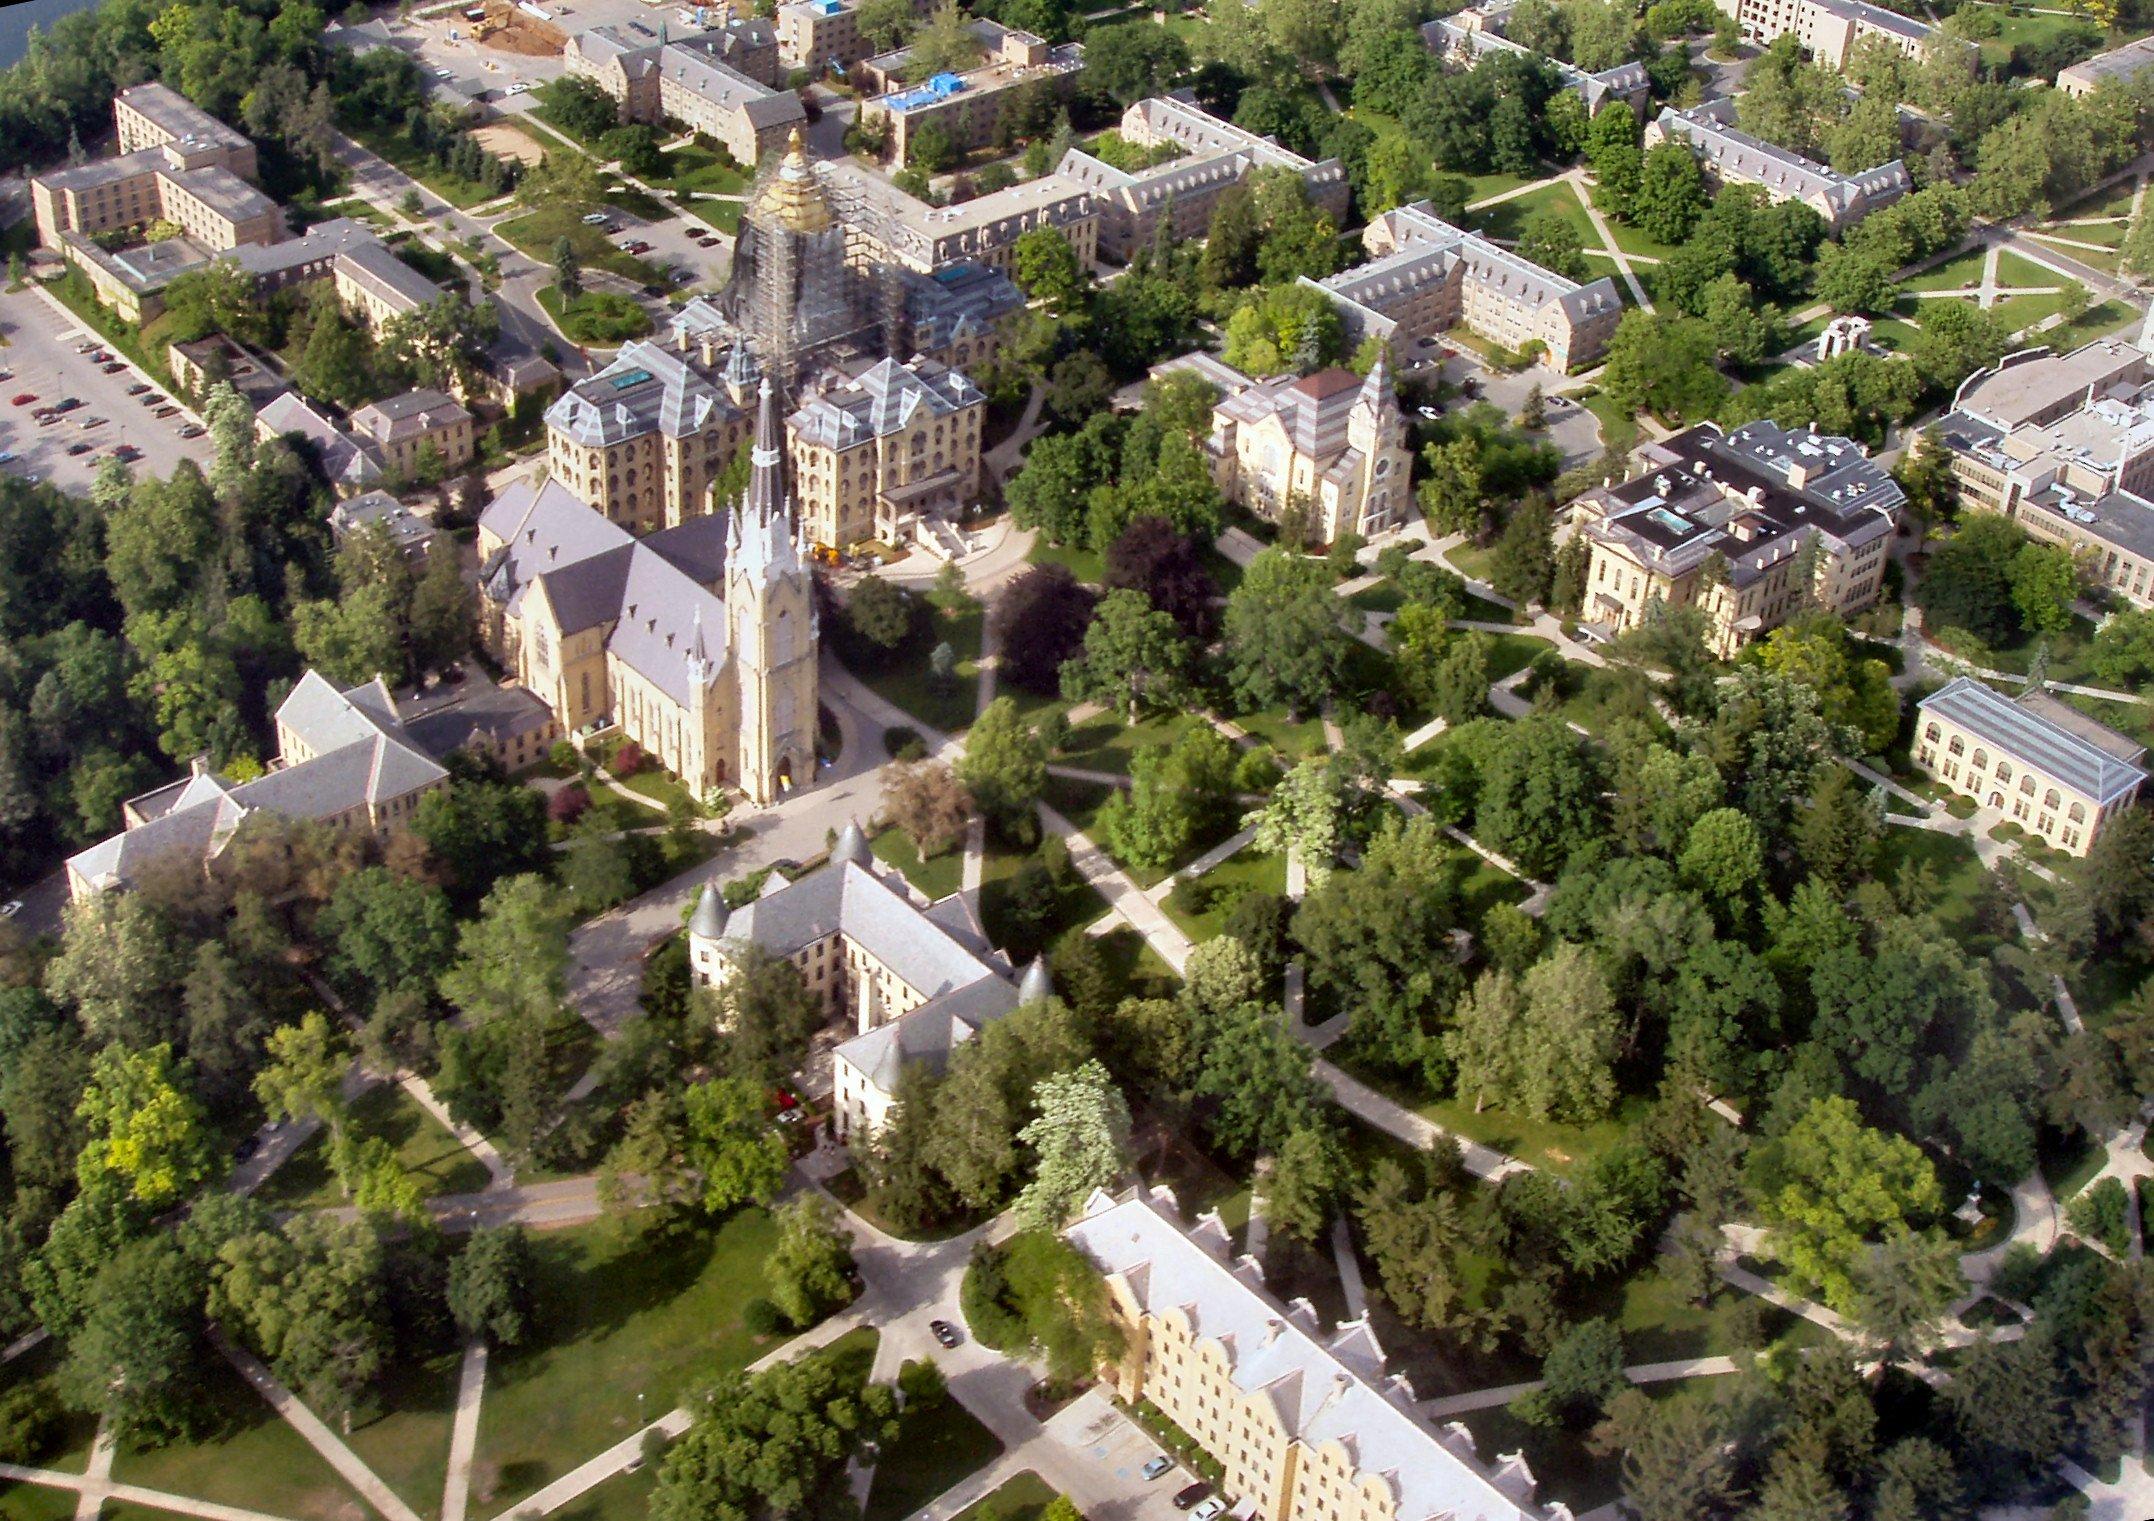 EEUU: un juez federal avala una demanda abortista contra la Universidad de Notre Dame, situada en Indiana, por no repartir anticonceptivos